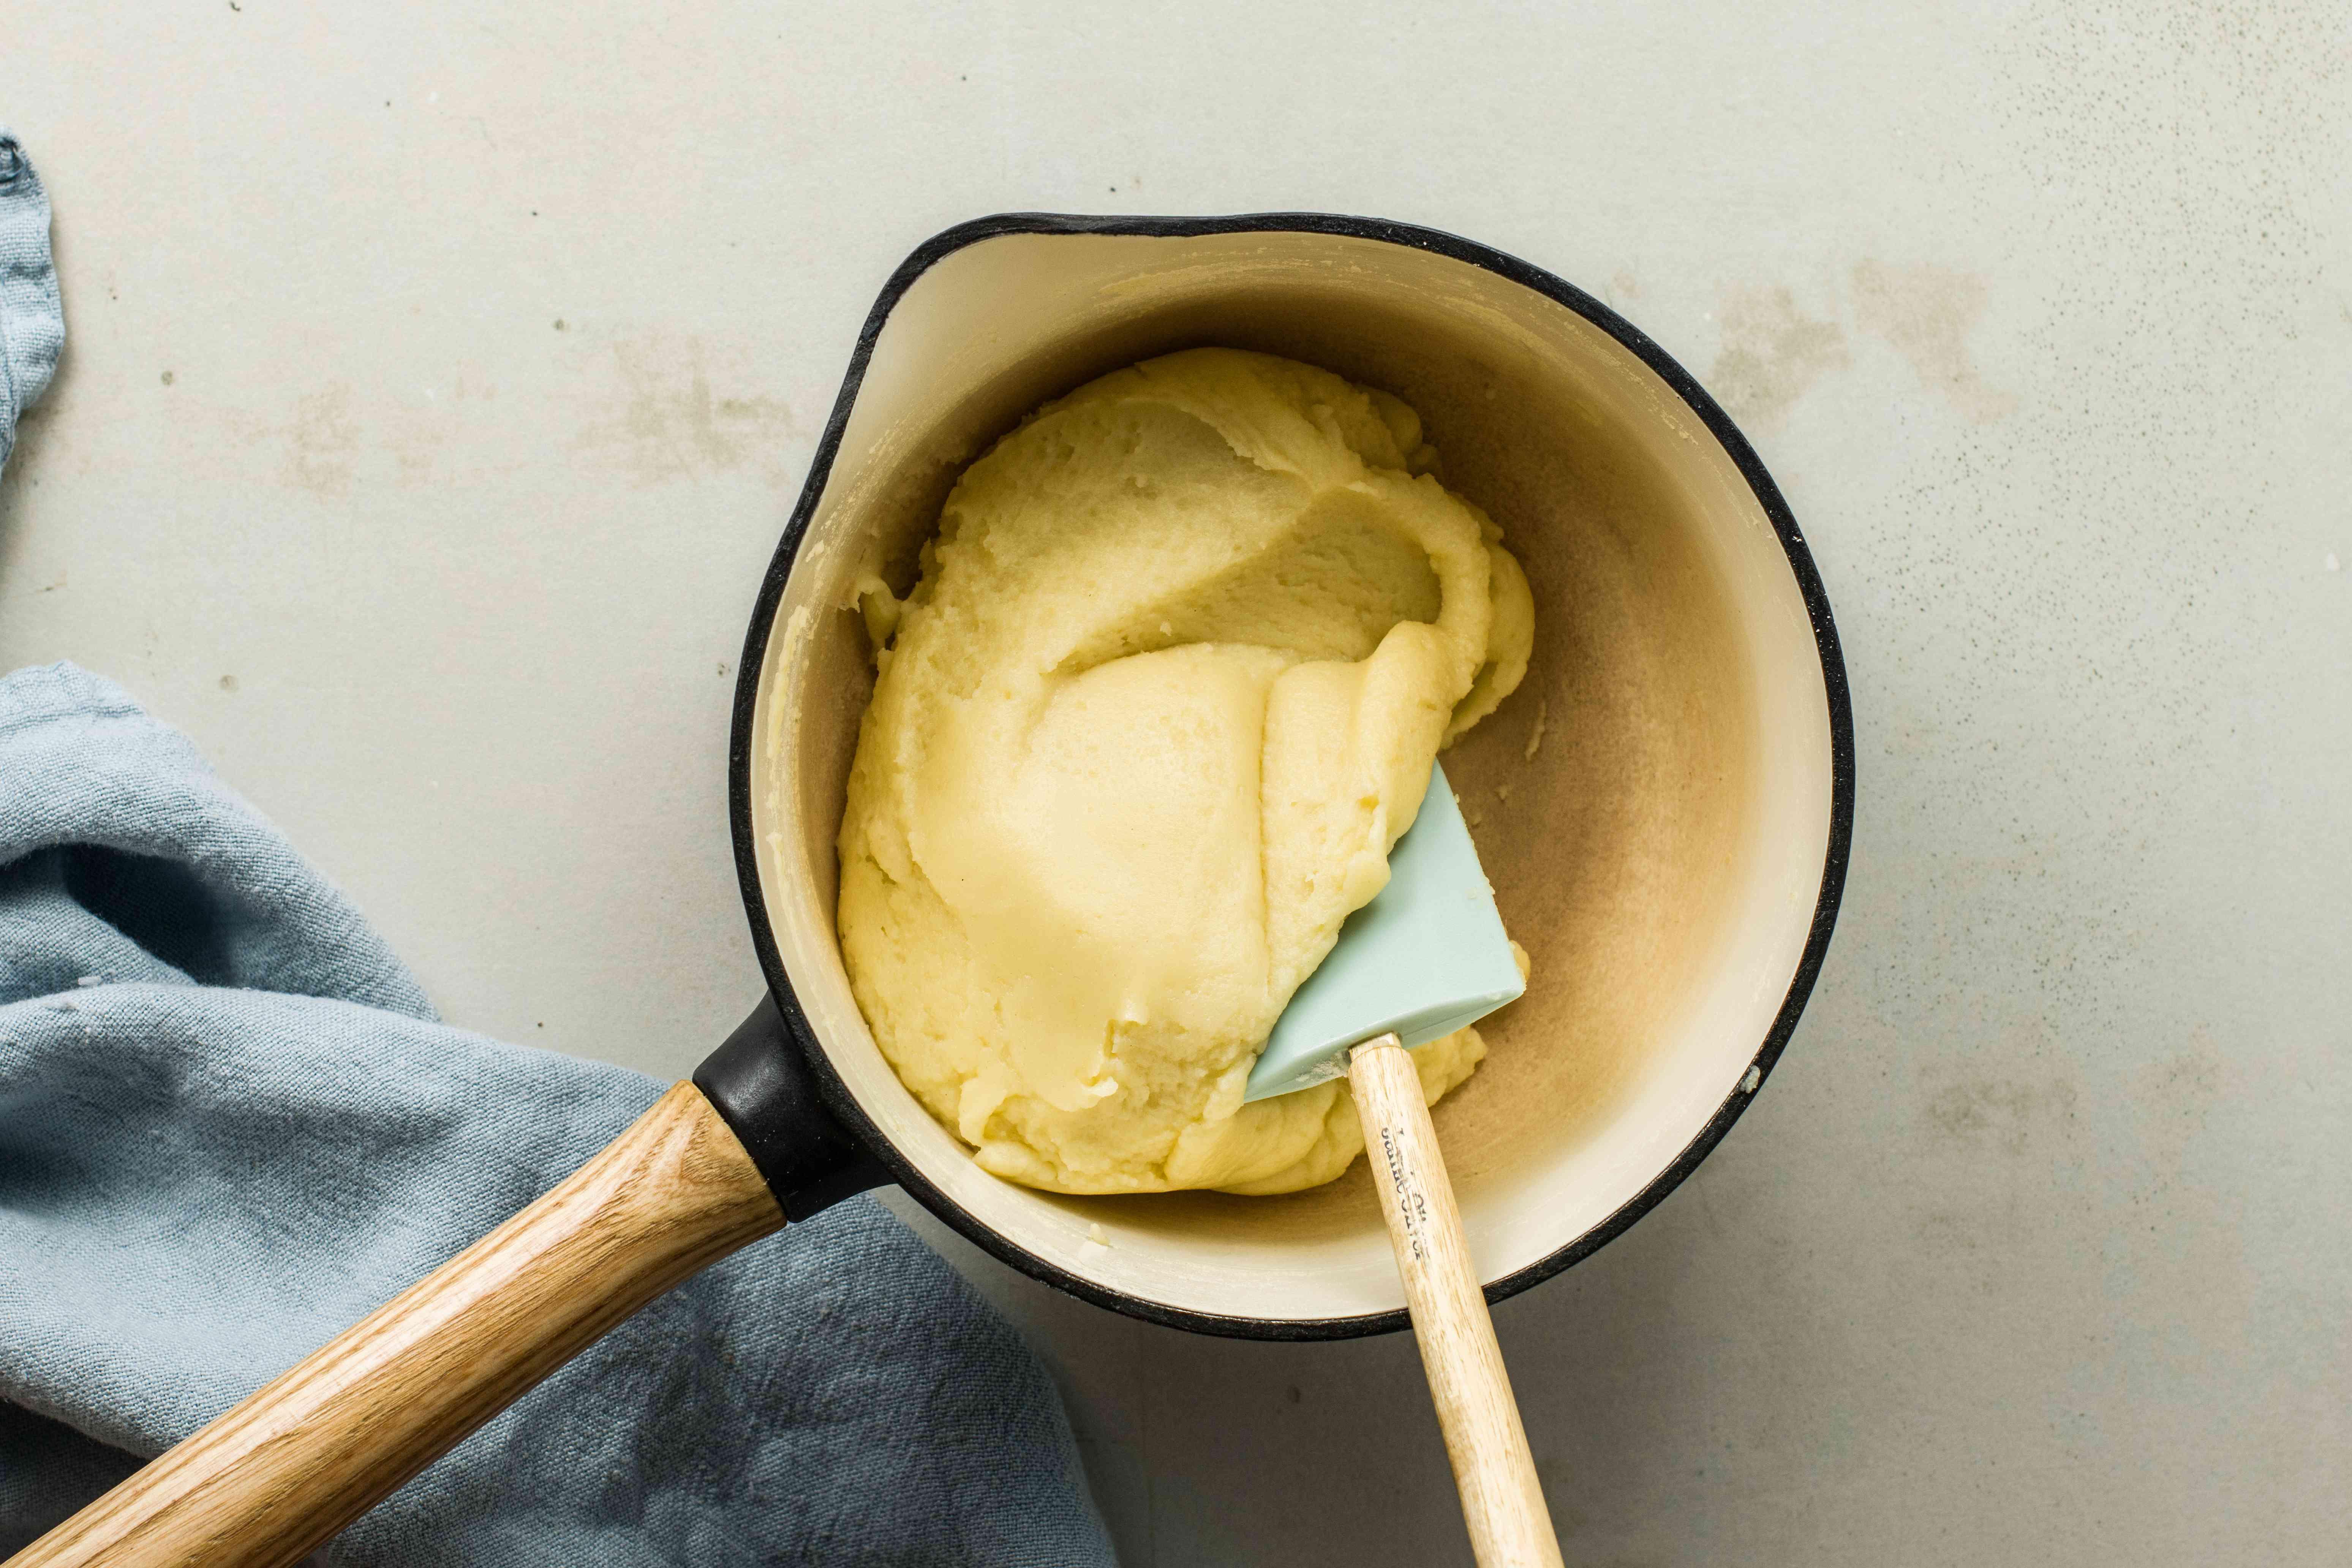 Add salt and flour